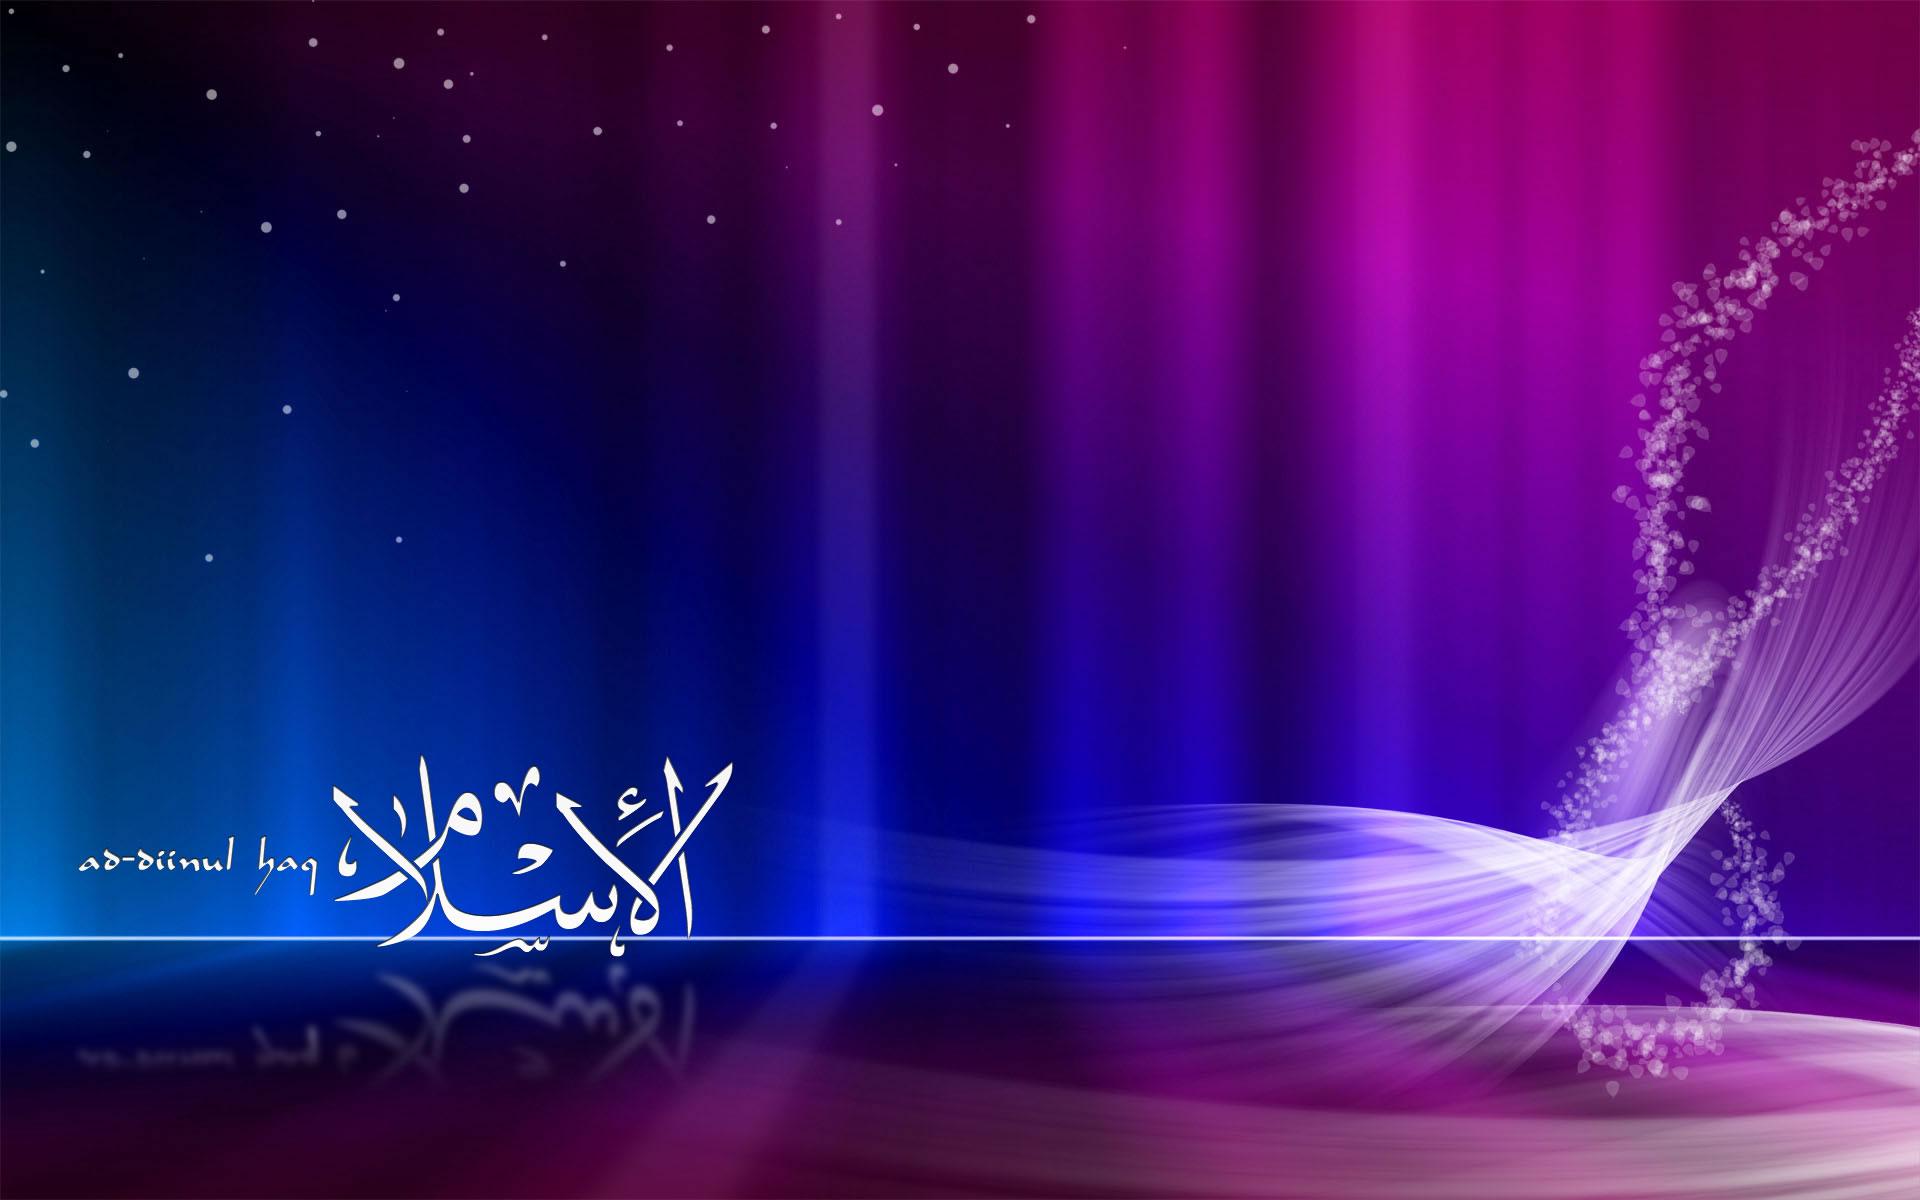 صوره خلفيات اسلامية لشاشة الكمبيوتر